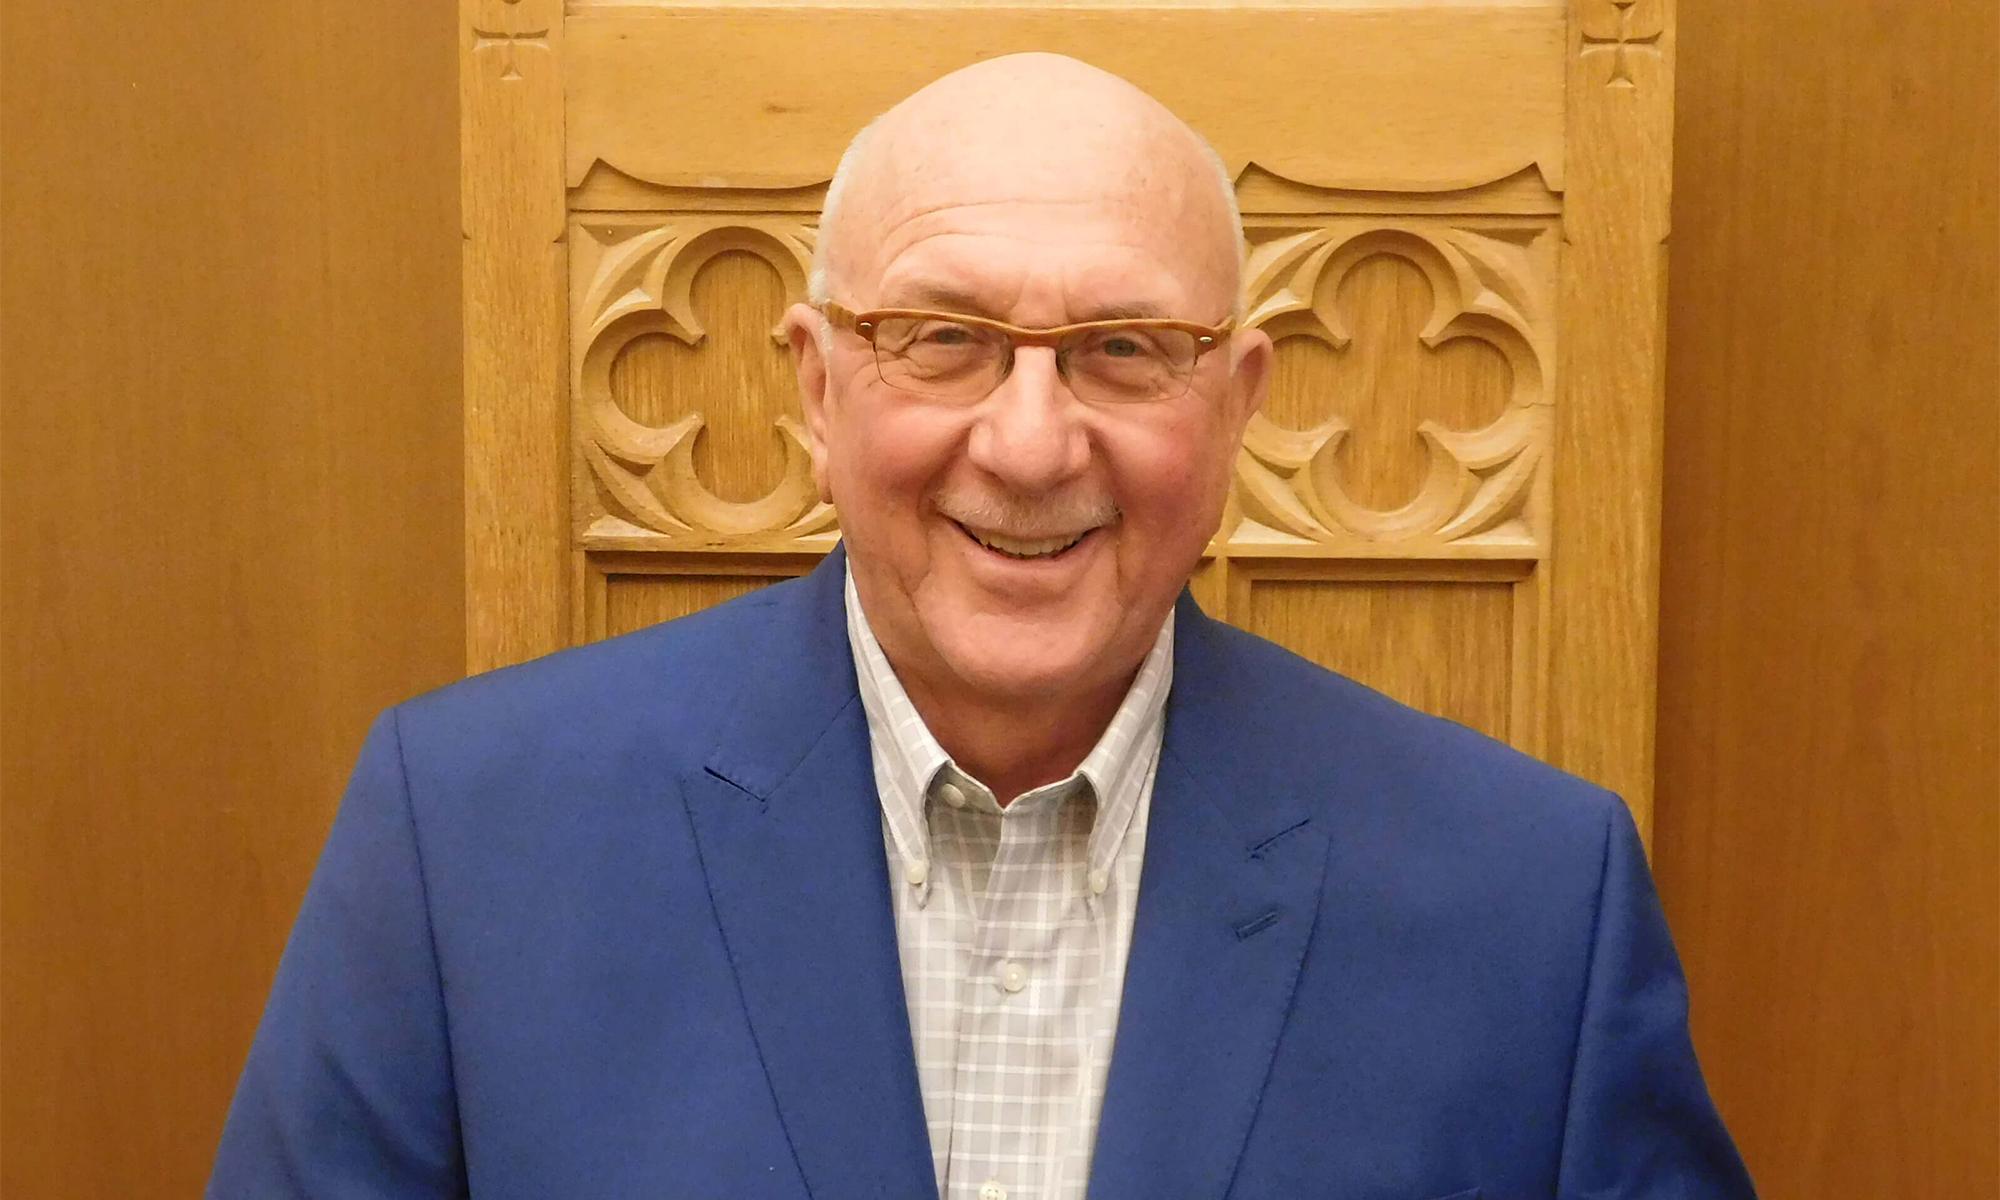 Rev. David Behnke